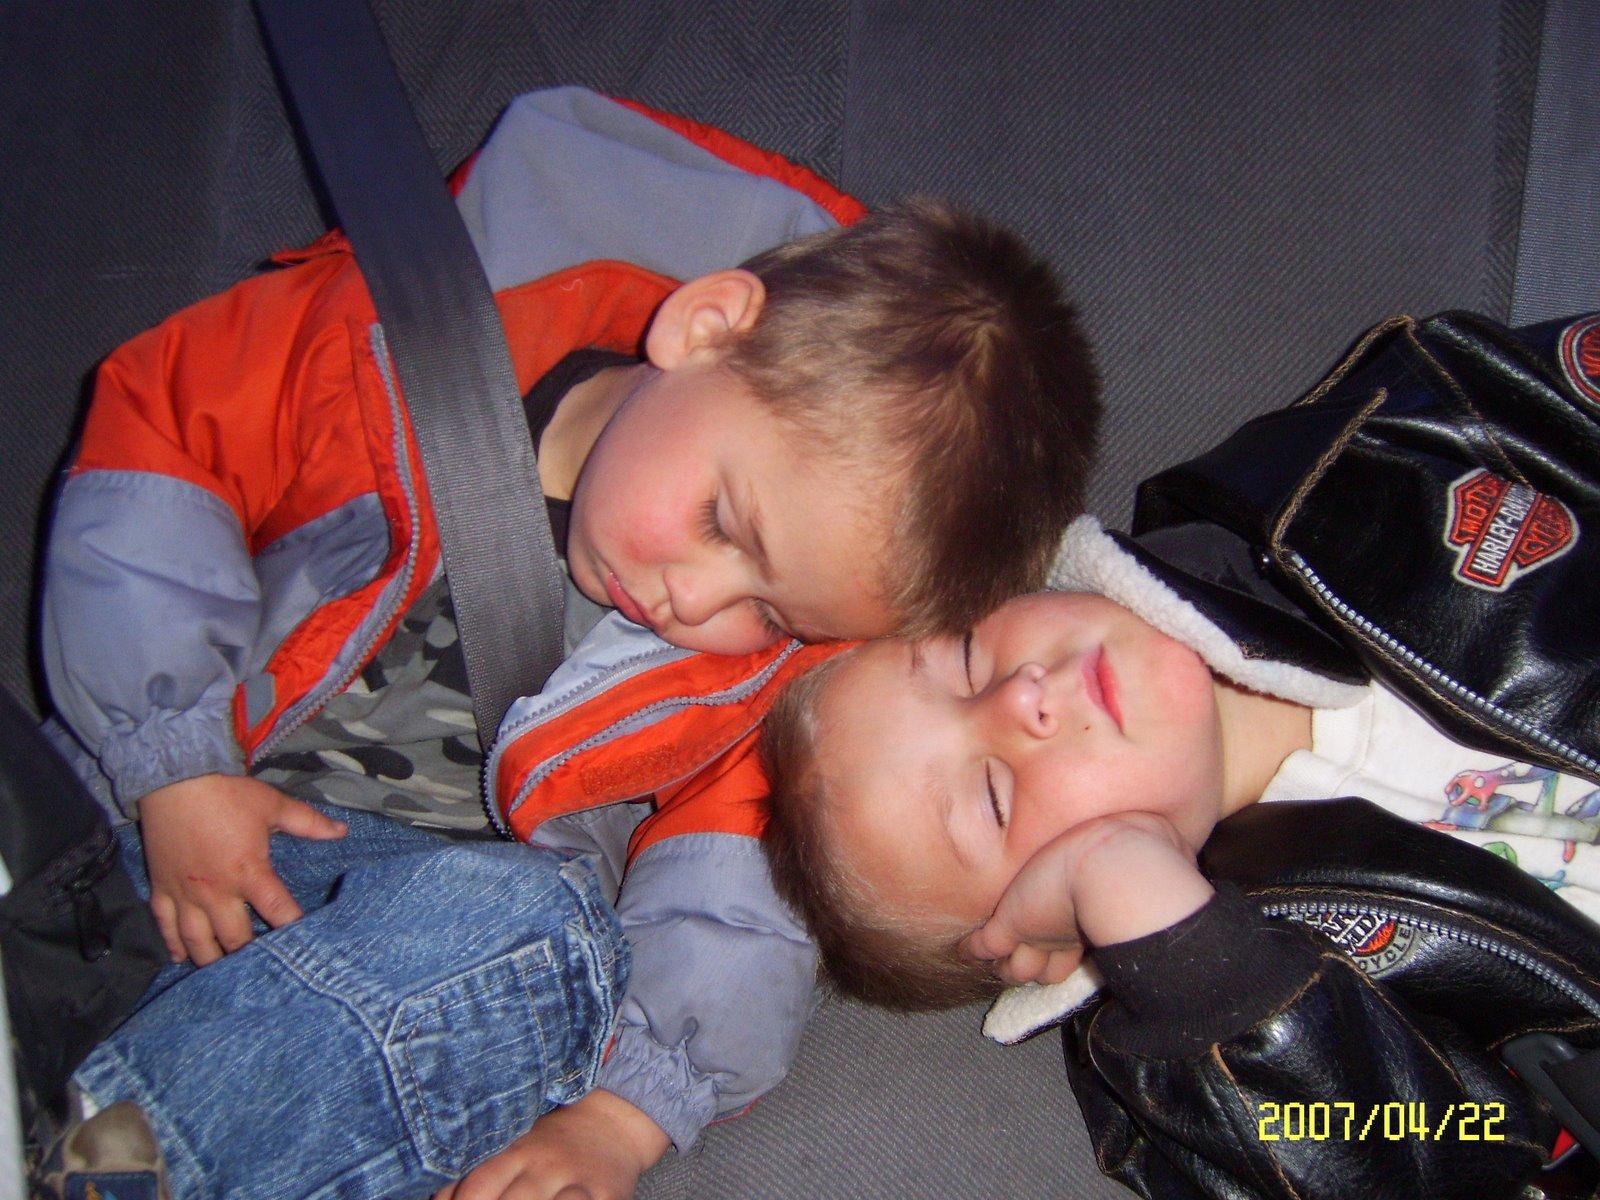 [Wyatt+&+Levi+after+U.Brody]